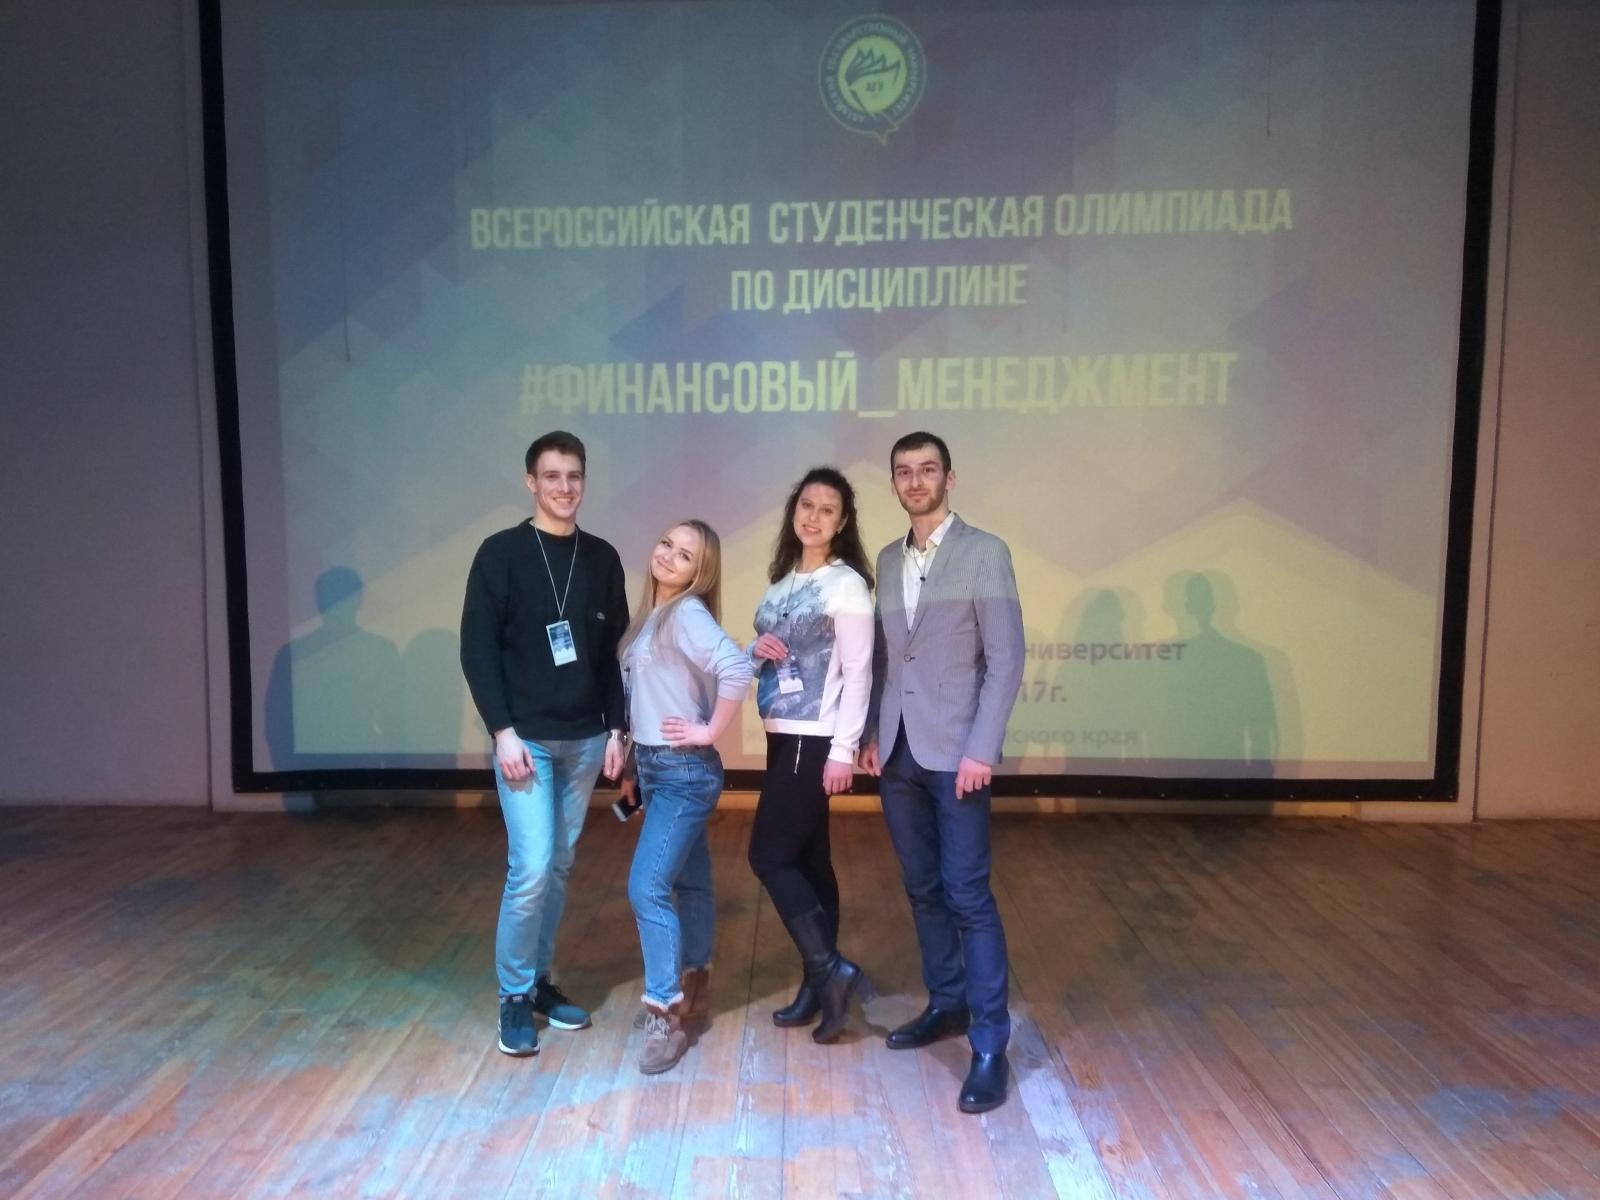 Студенты ВШГиФУ приняли участие в олимпиаде по финансовому менеджменту